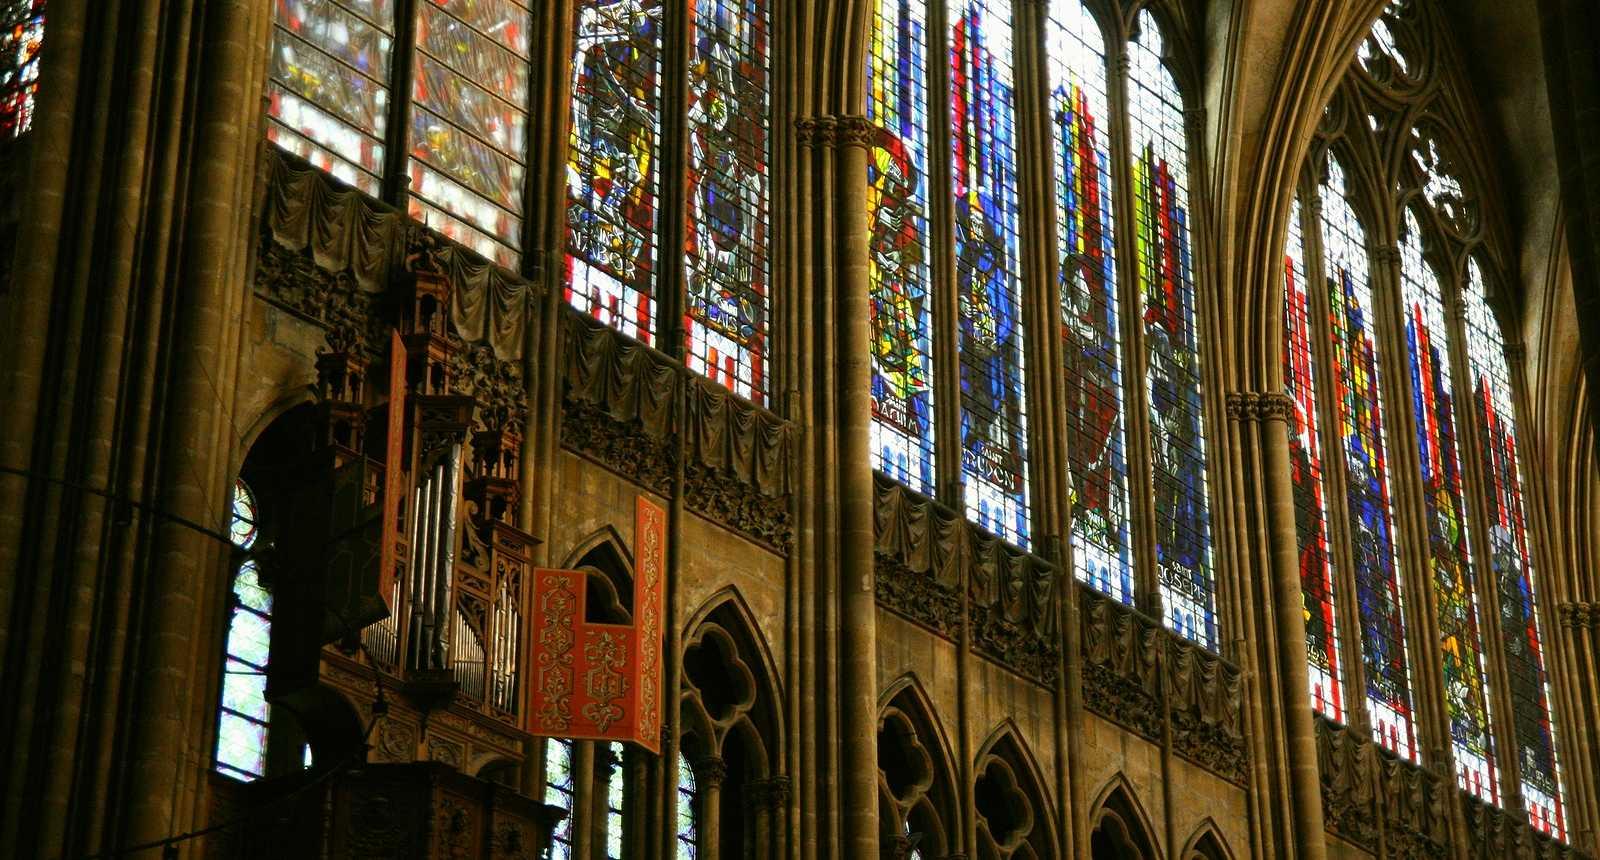 Vitraux de la Cathédrale Saint-Etienne de Metz